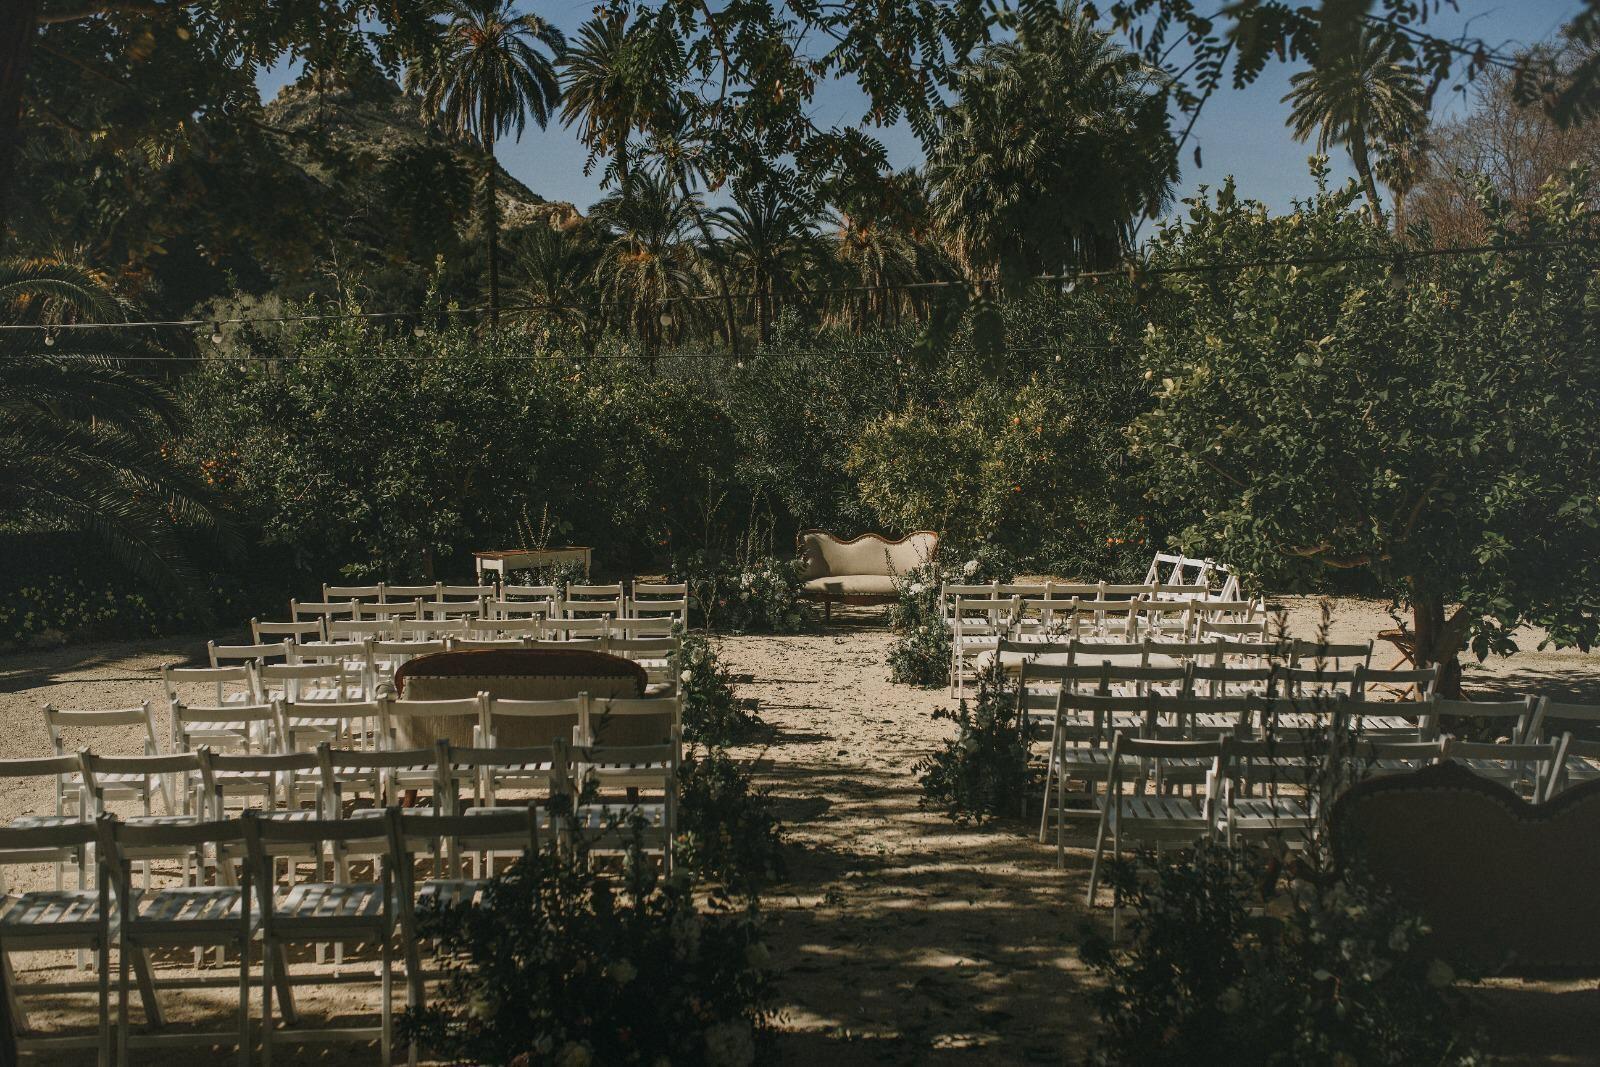 Alquiler mesas y sillas Murcia